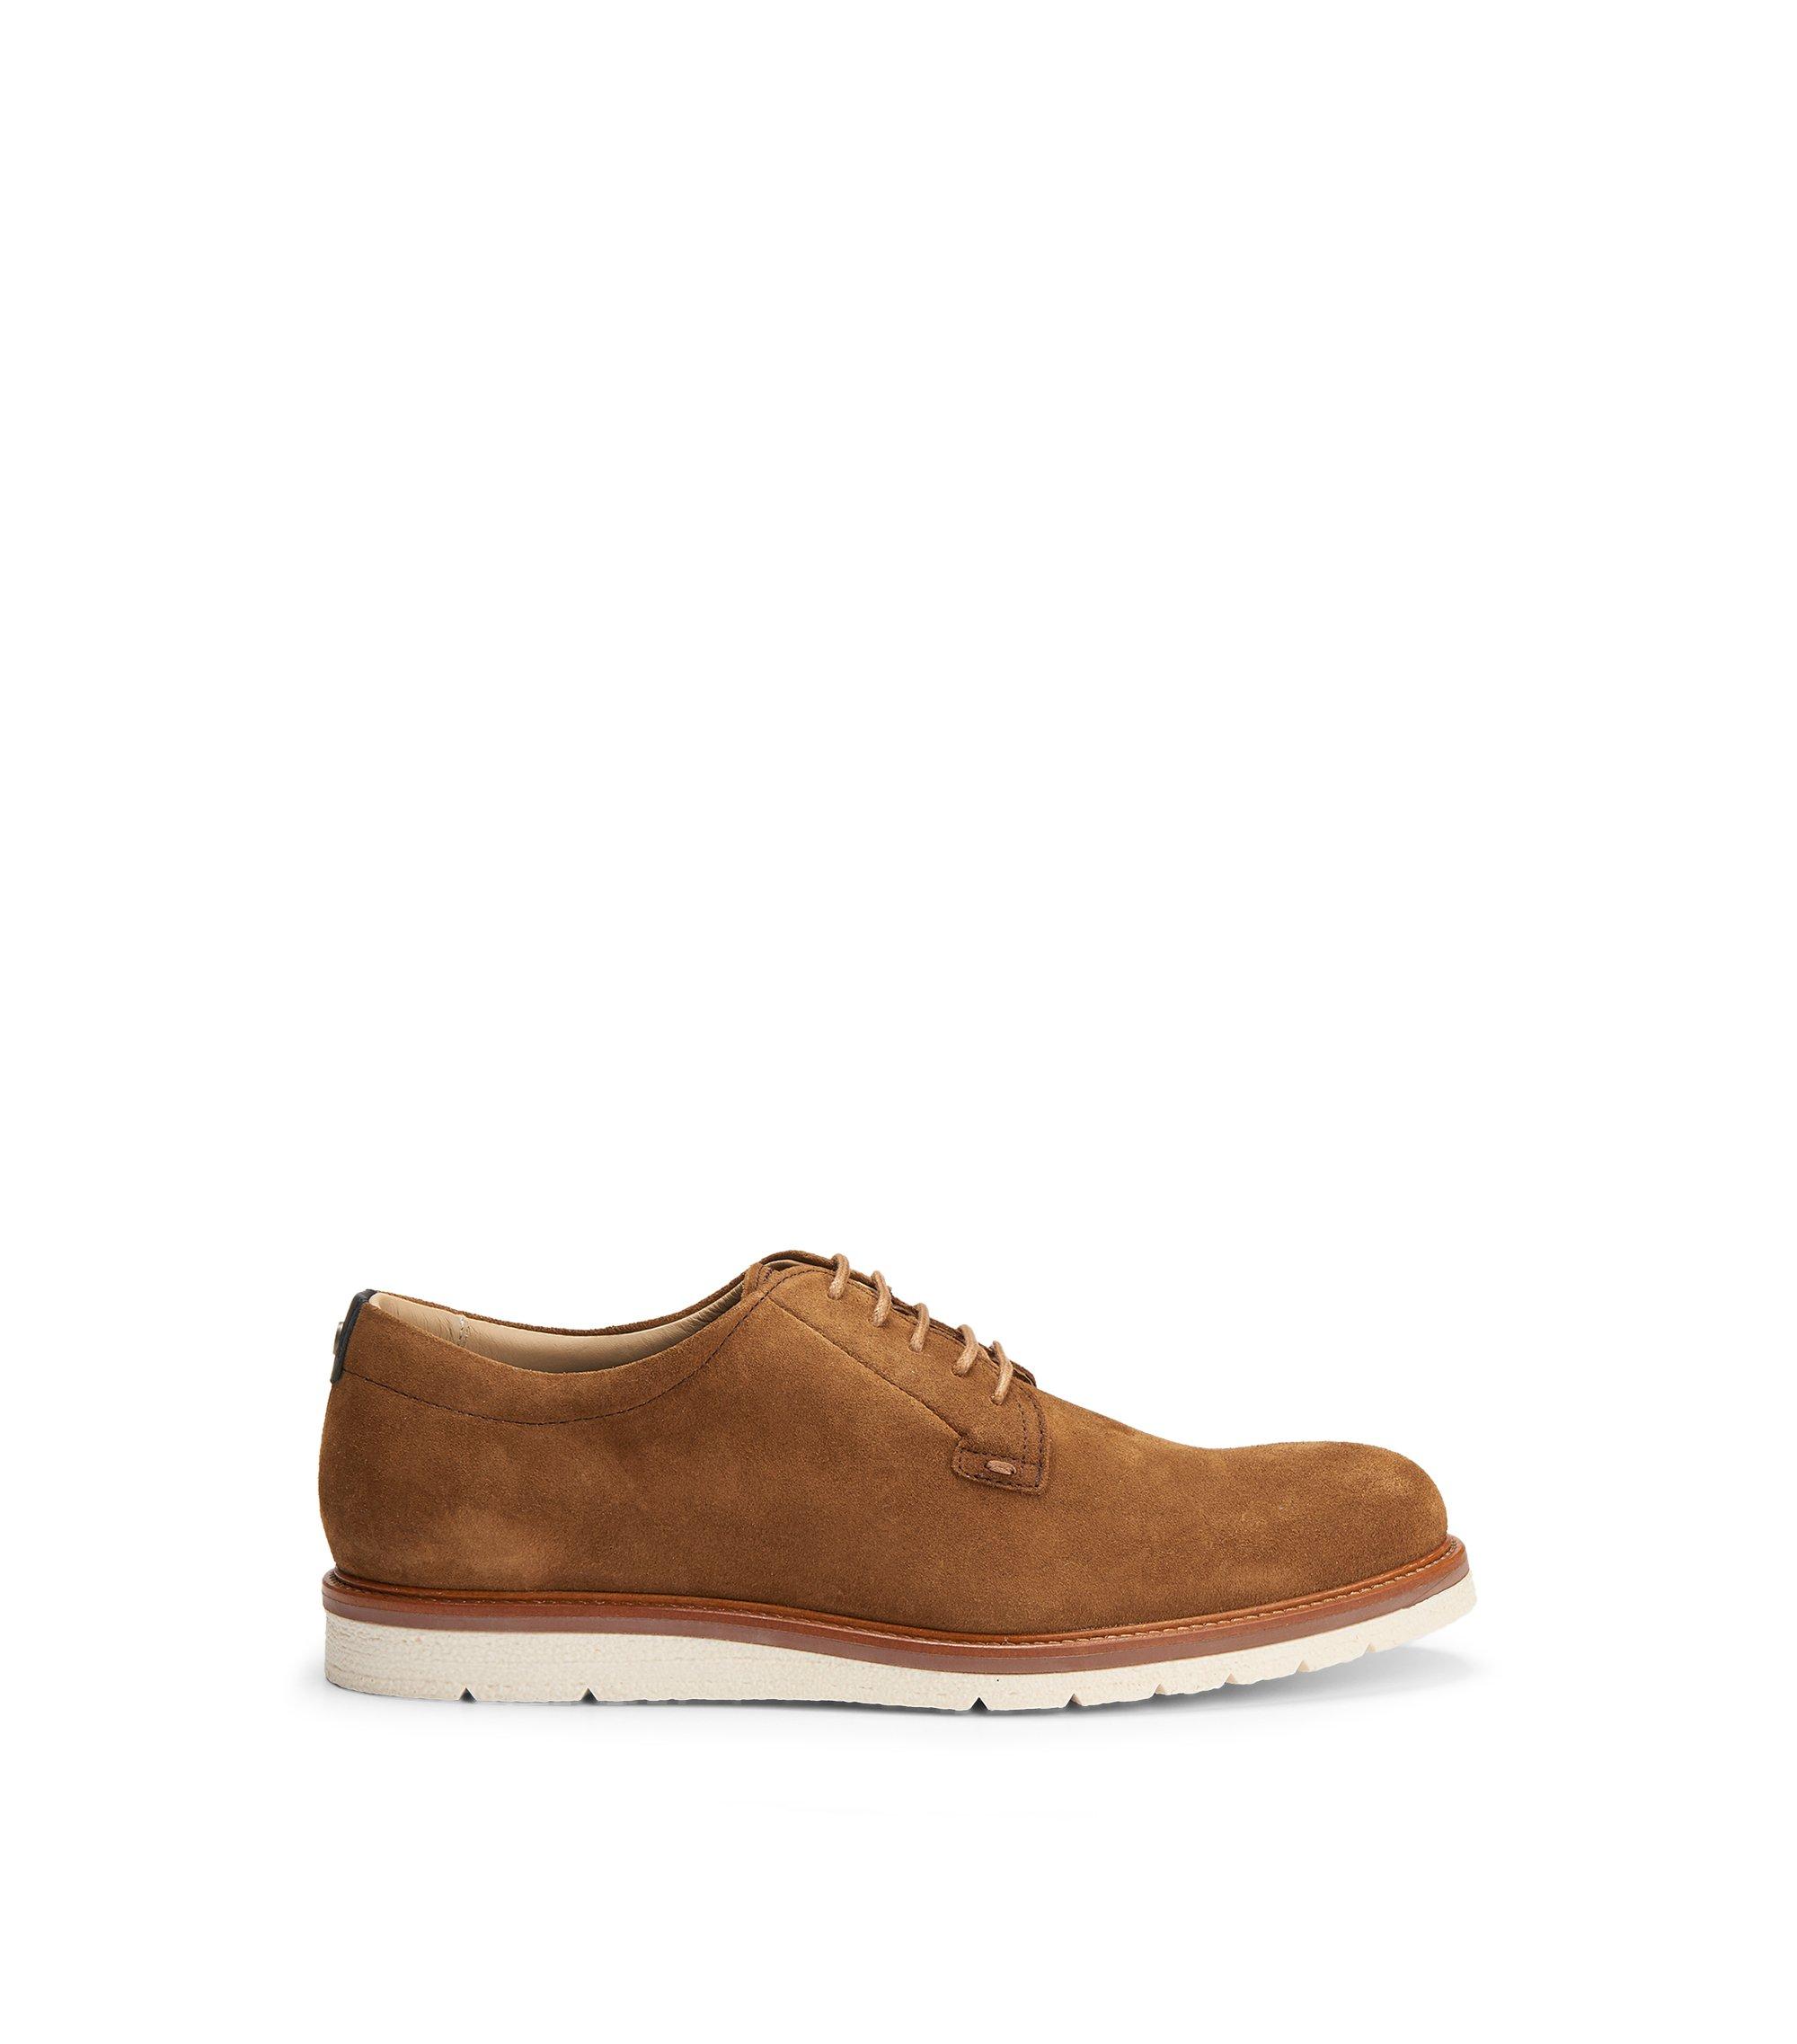 Suede Derby Shoe | Tuned Derb Sd1, Brown